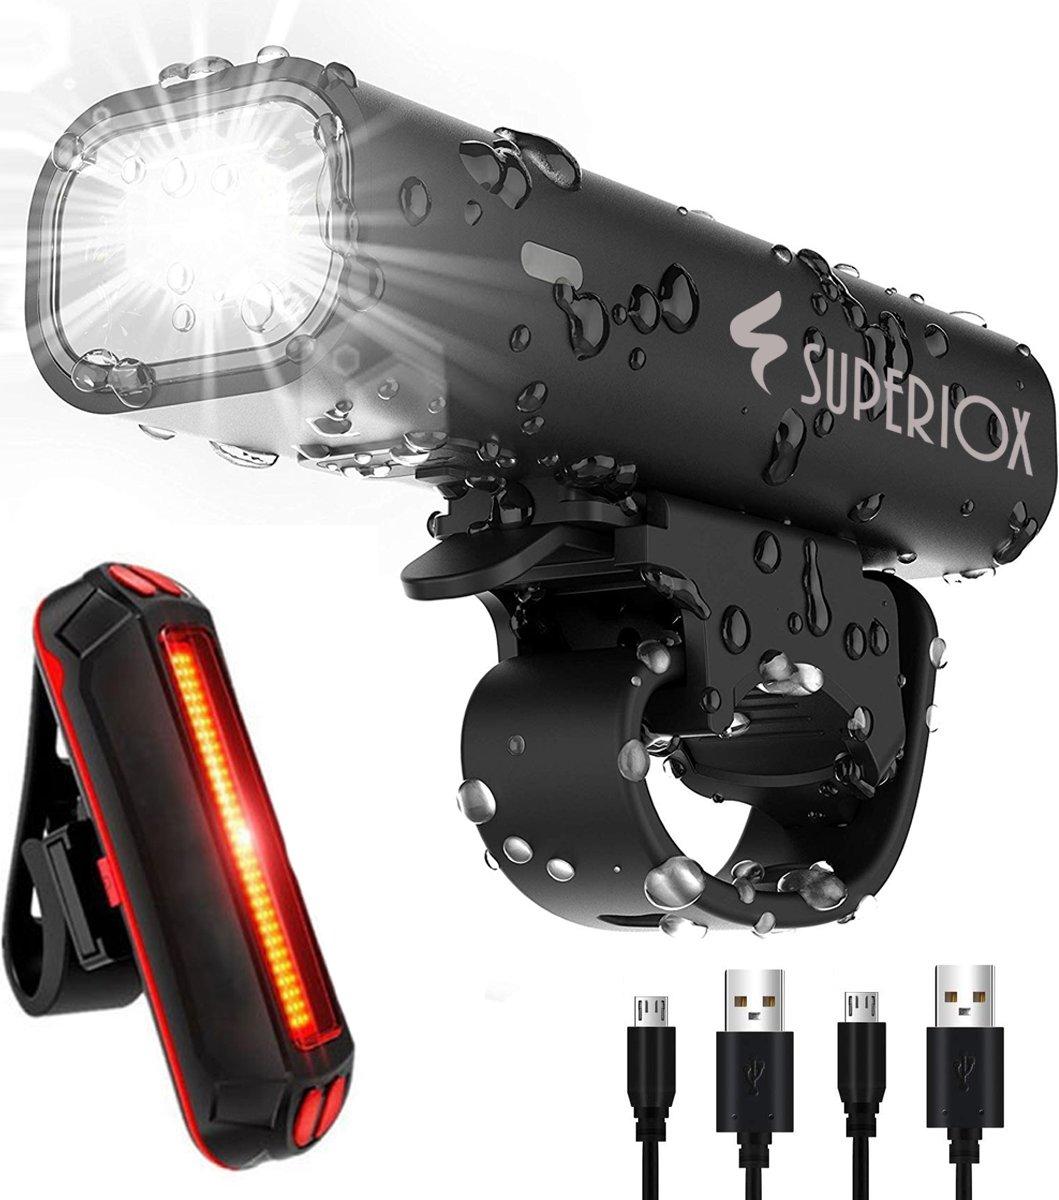 Fietsverlichting Set - Oplaadbare USB Led Fietslamp - Voor en Achter - Waterdicht - 4 Lichtstanden - Zwart